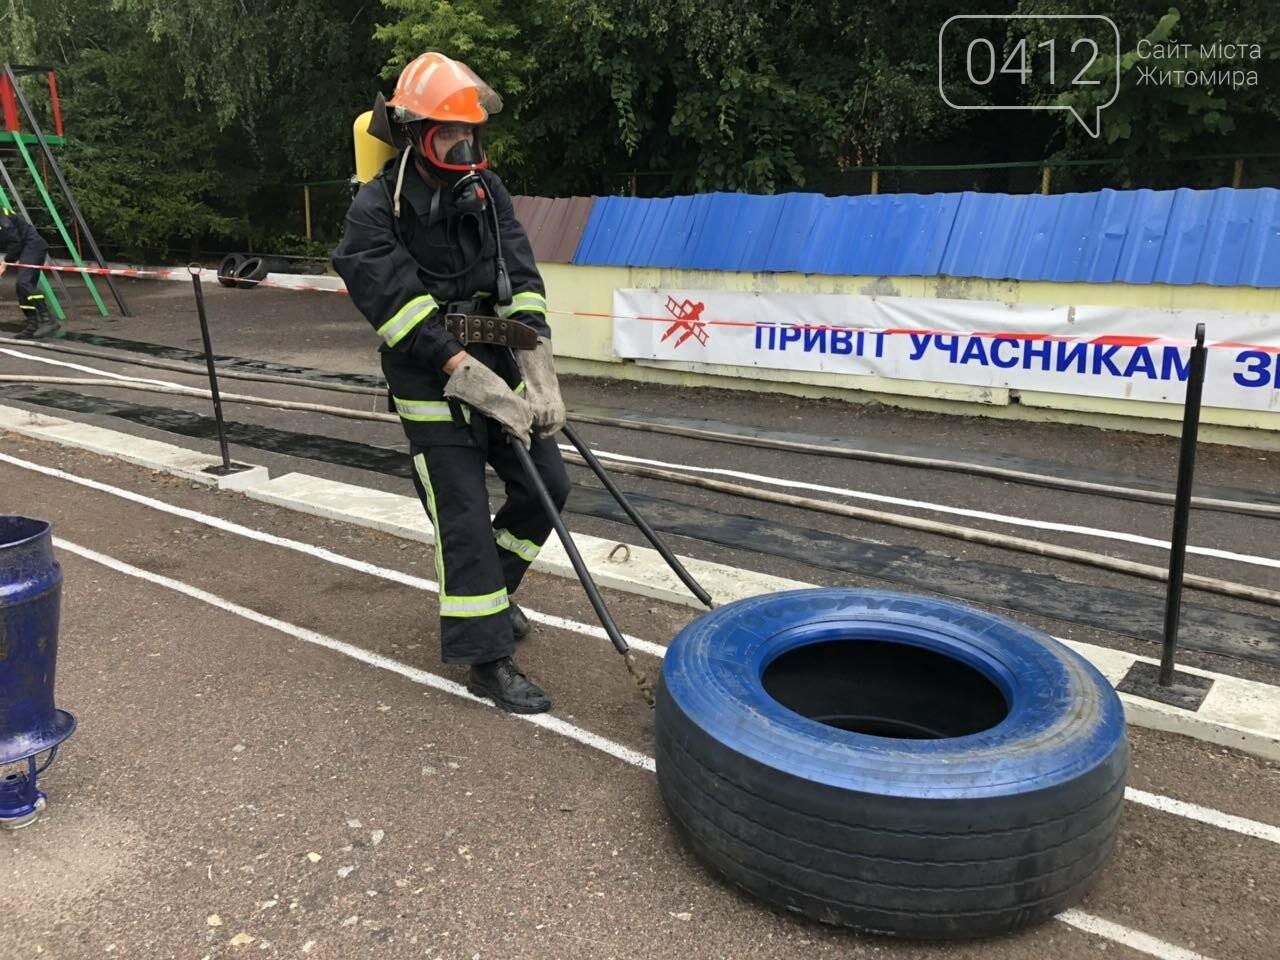 """Змагання """"Найсильніший пожежний-рятувальник"""" у Житомирі розпочато, фото-2"""